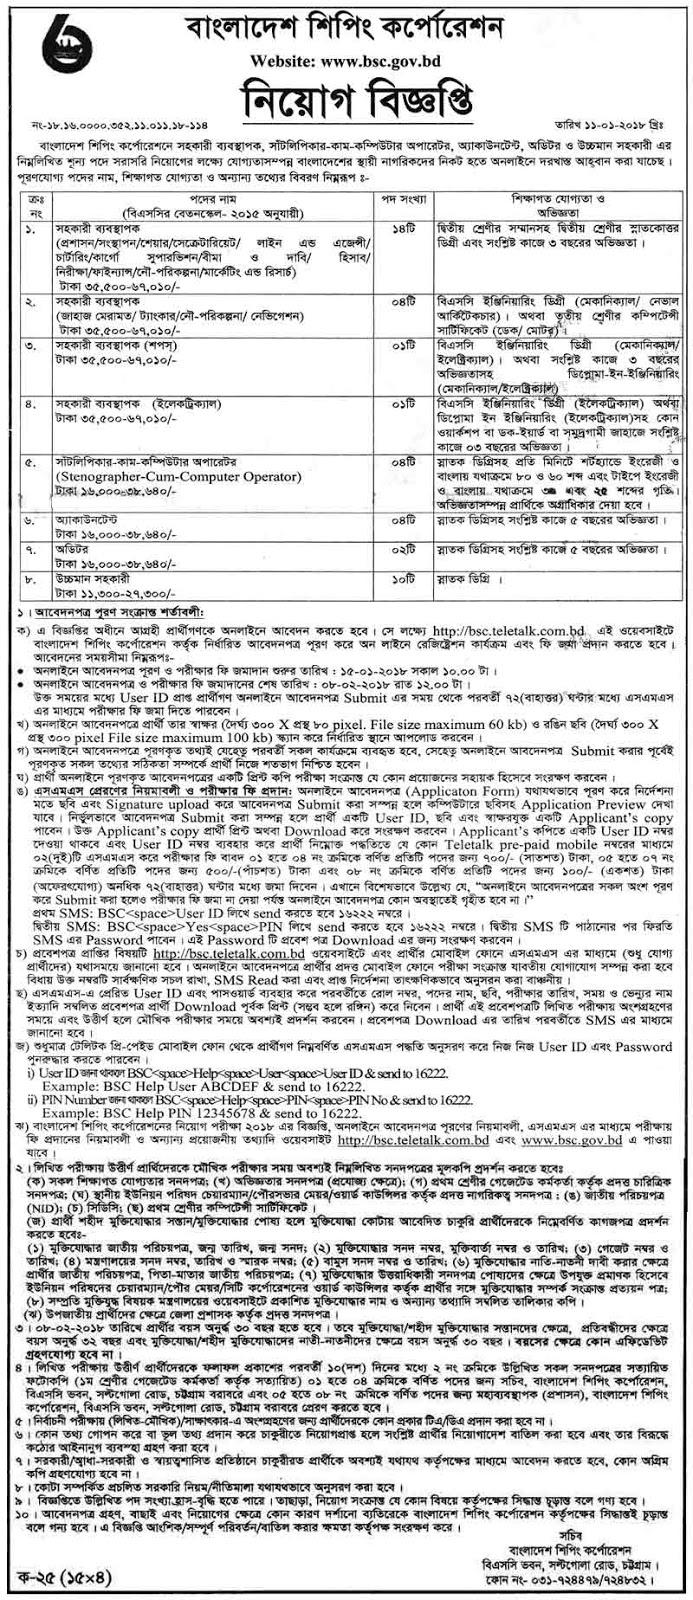 Bangladesh Shipping Corporation BSC Job Circular 2018 2